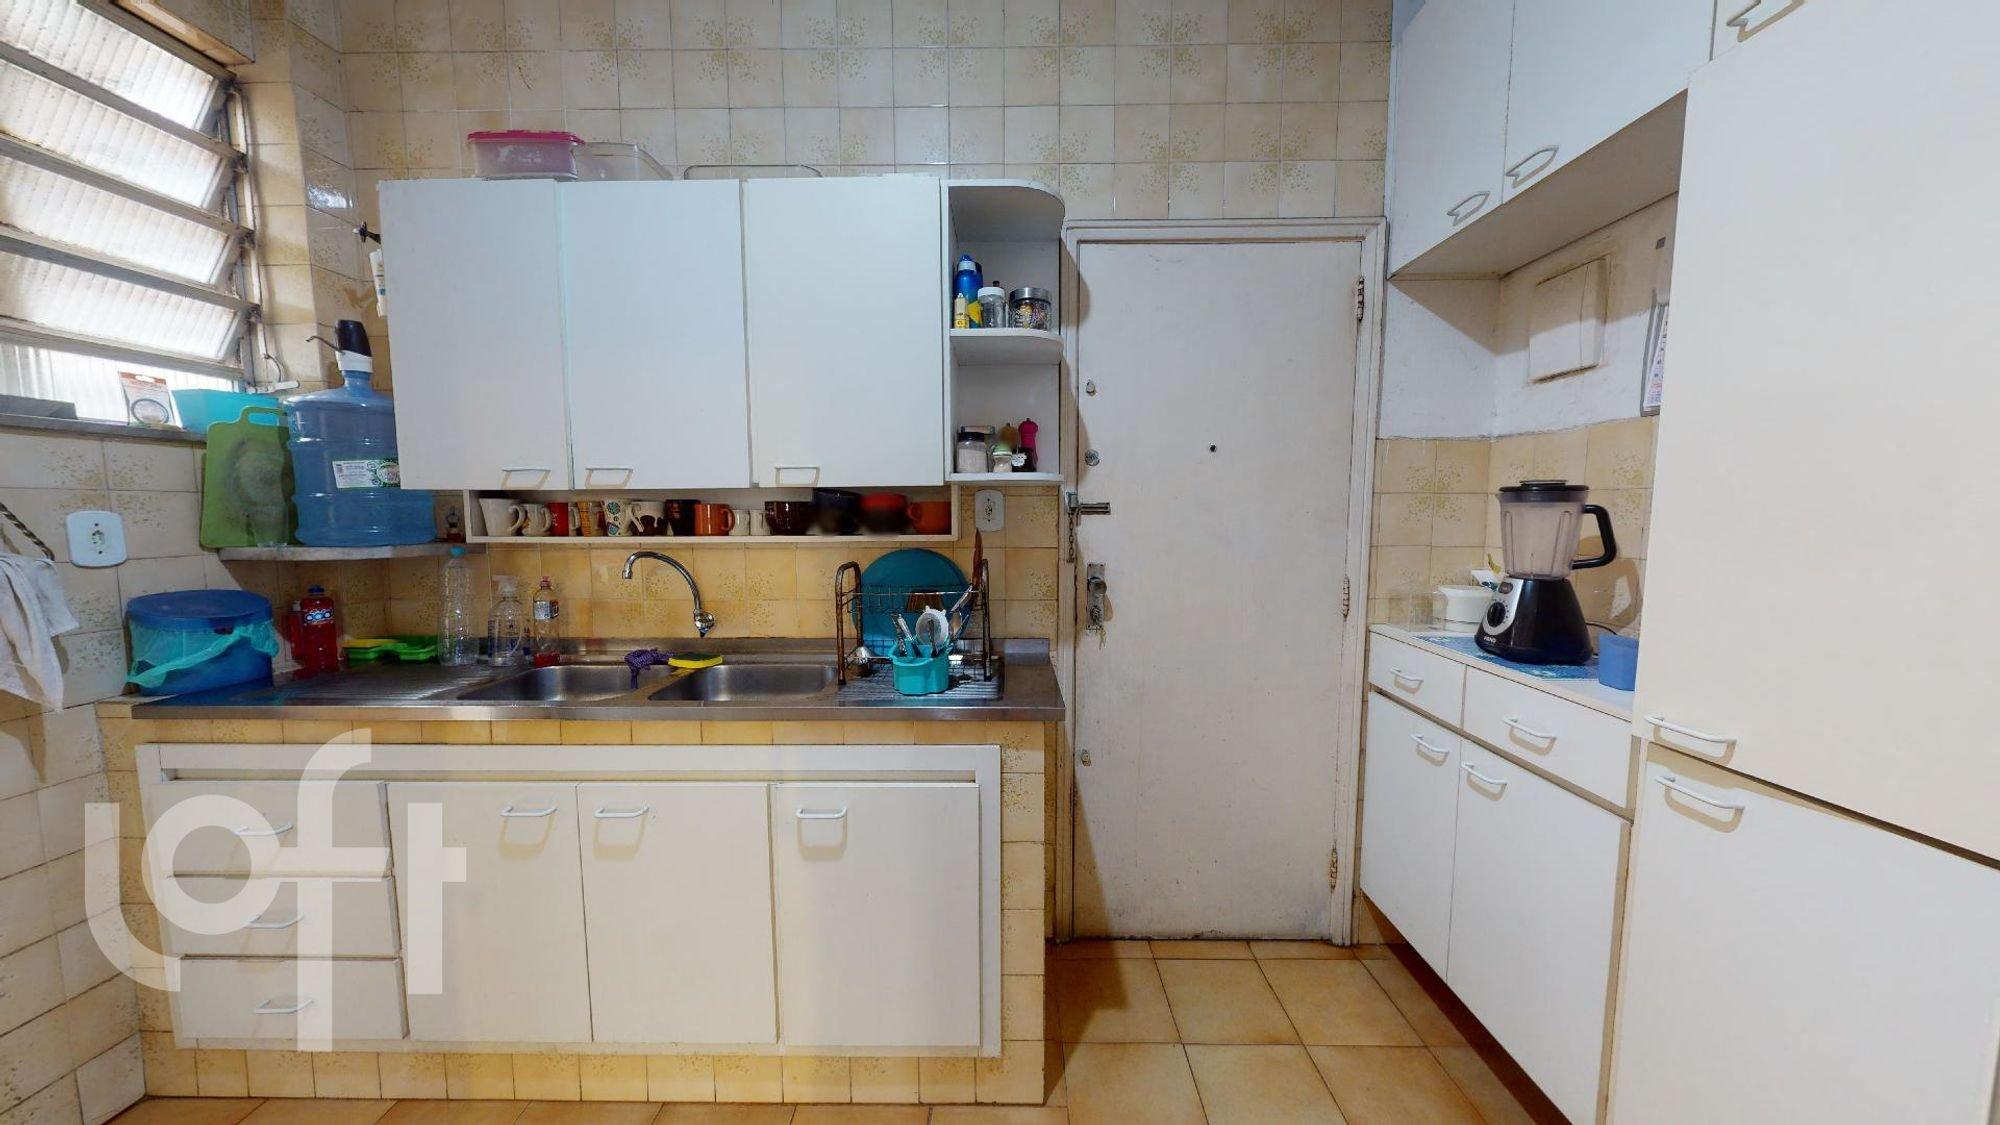 Foto de Cozinha com pia, garrafa